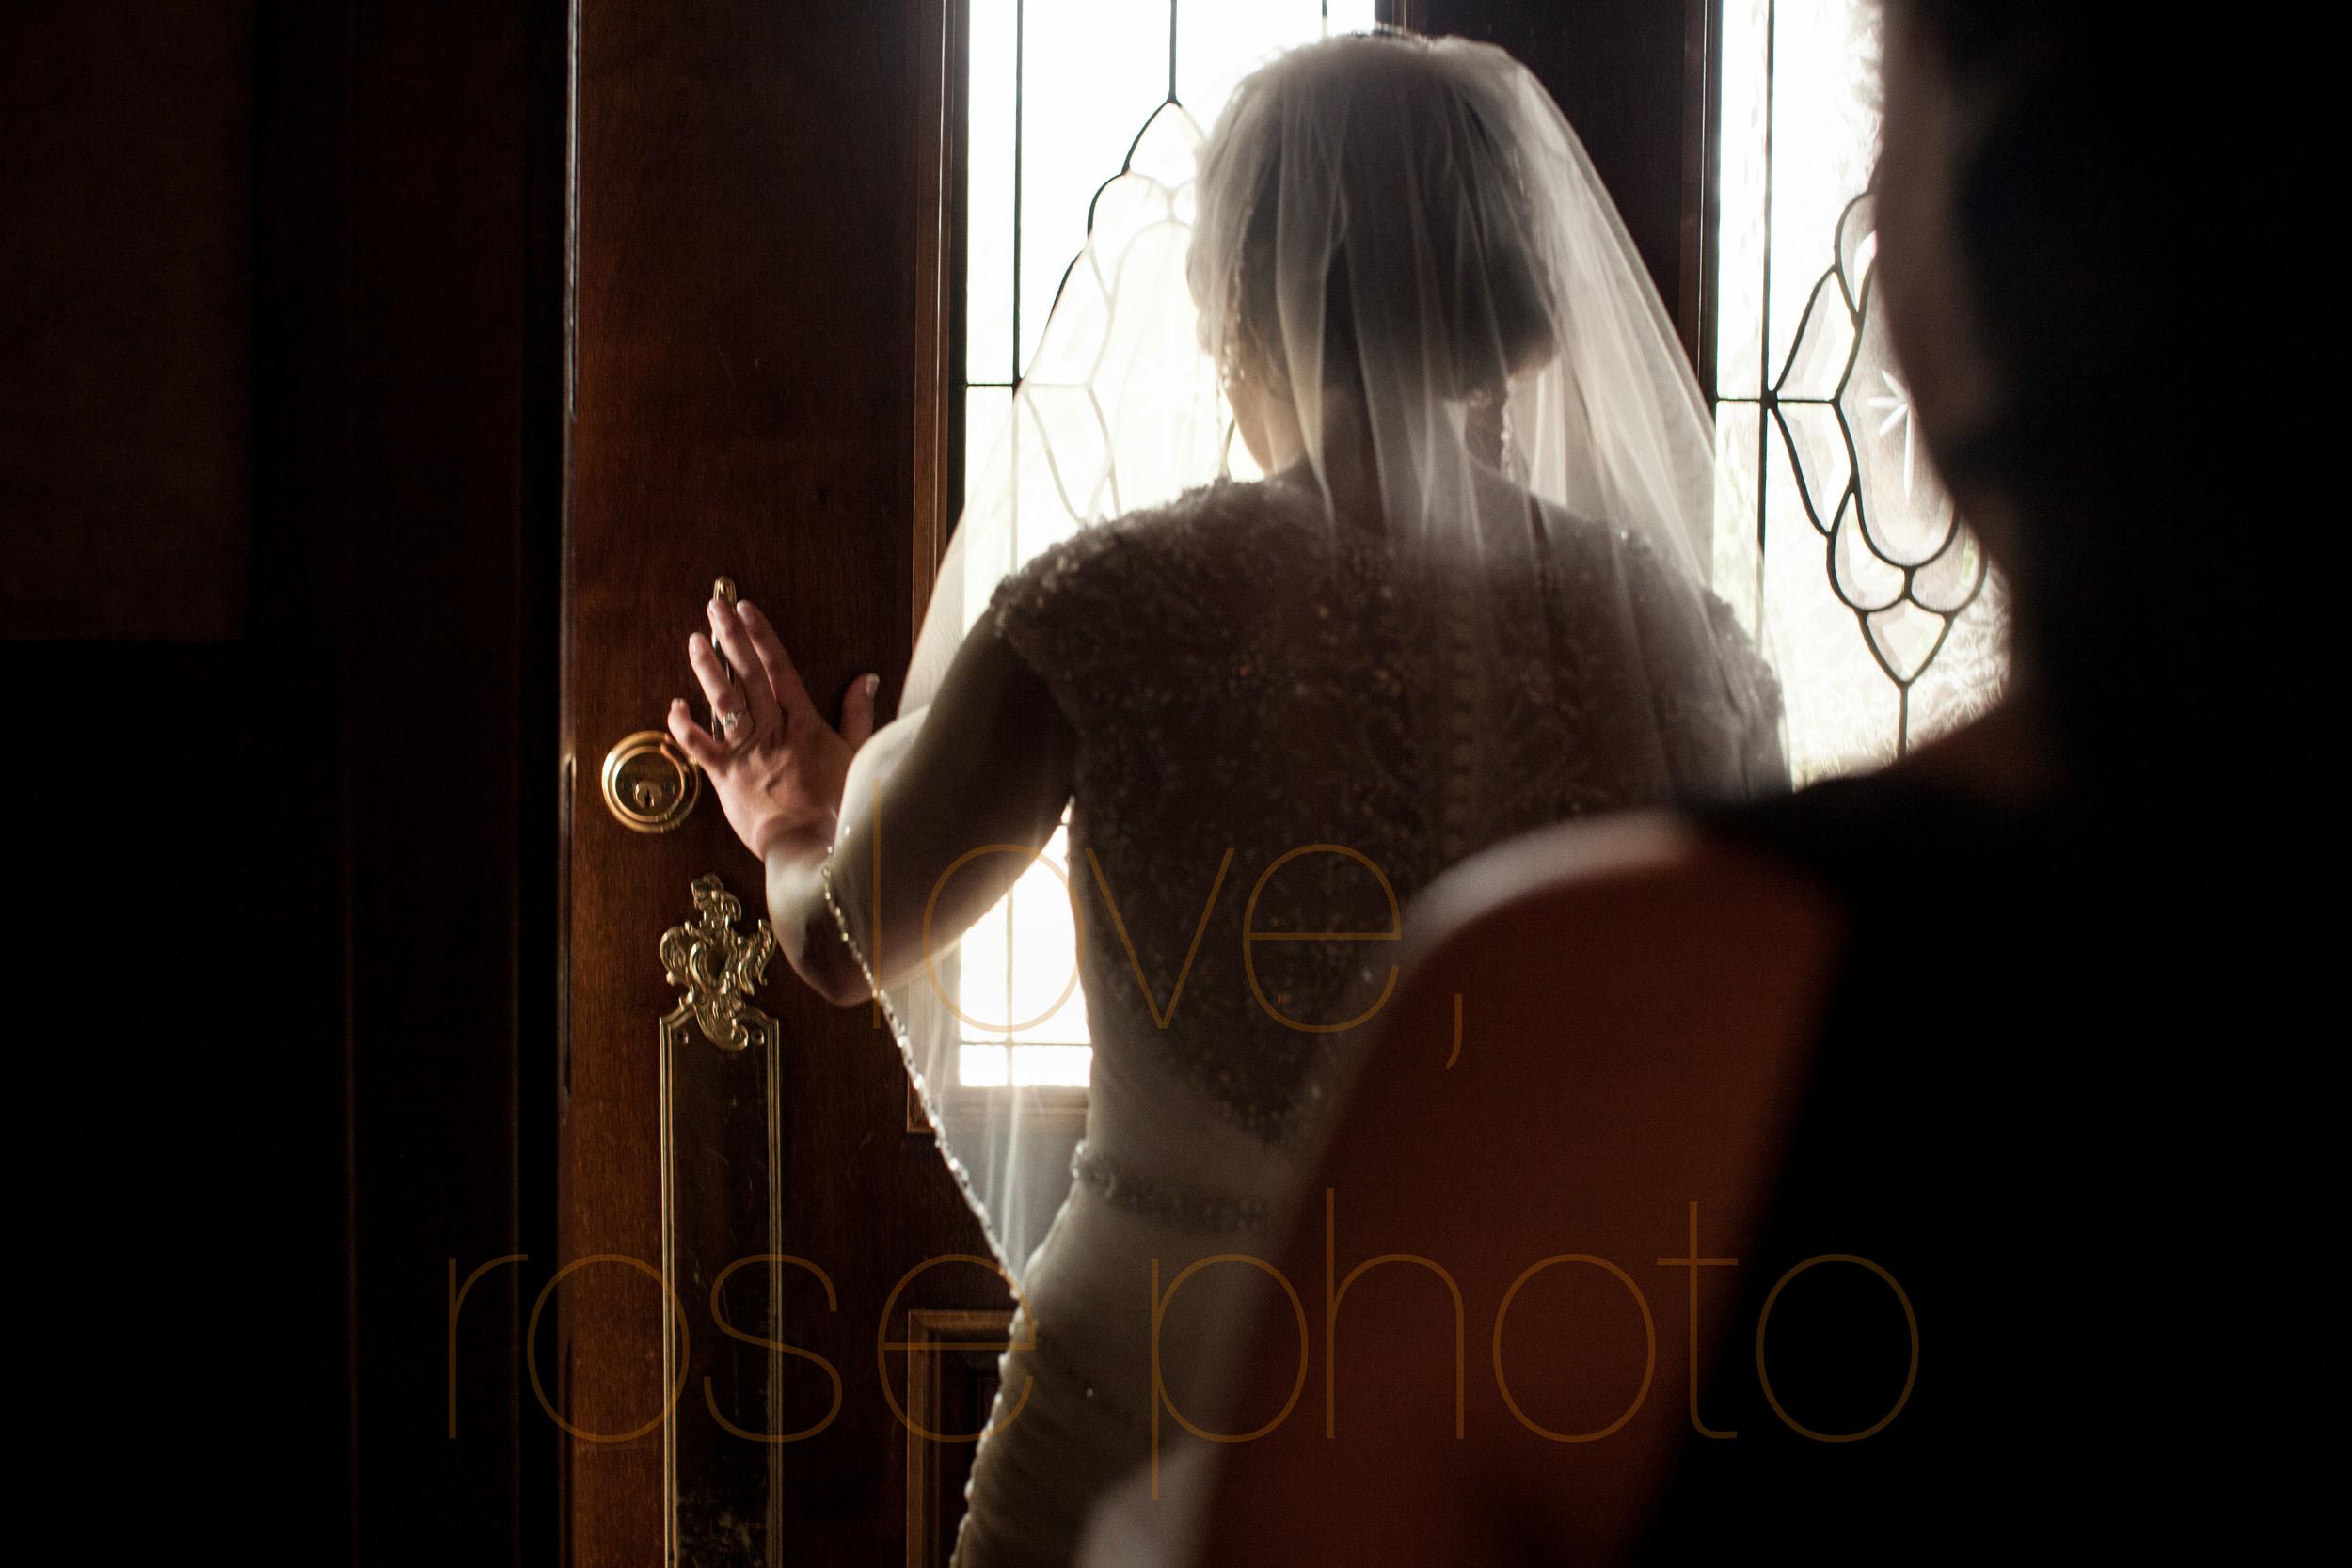 ellen + bryan chicago wedding joliet james healy mansion portrait lifestyle photojournalist photographer -003.jpg